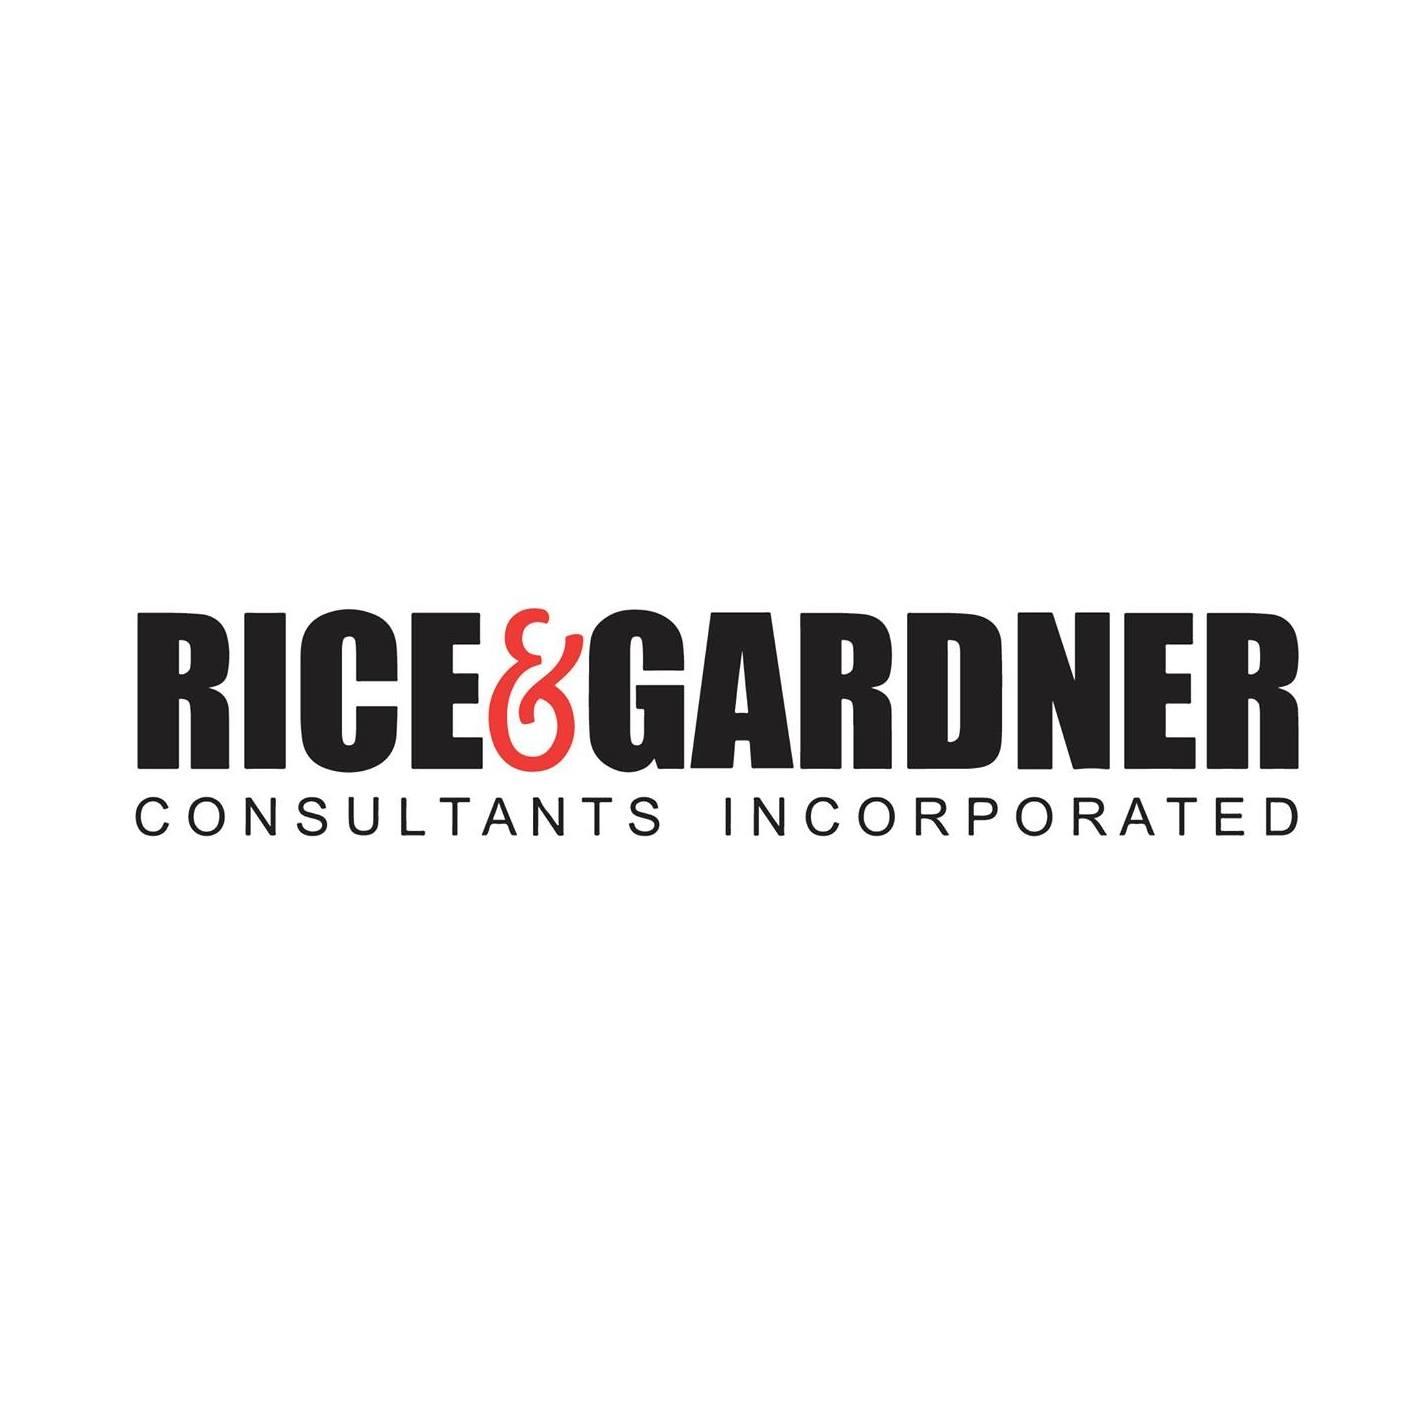 St. Andrews Lead Sponsor - Rice & Gardner Consultants, Inc - Logo